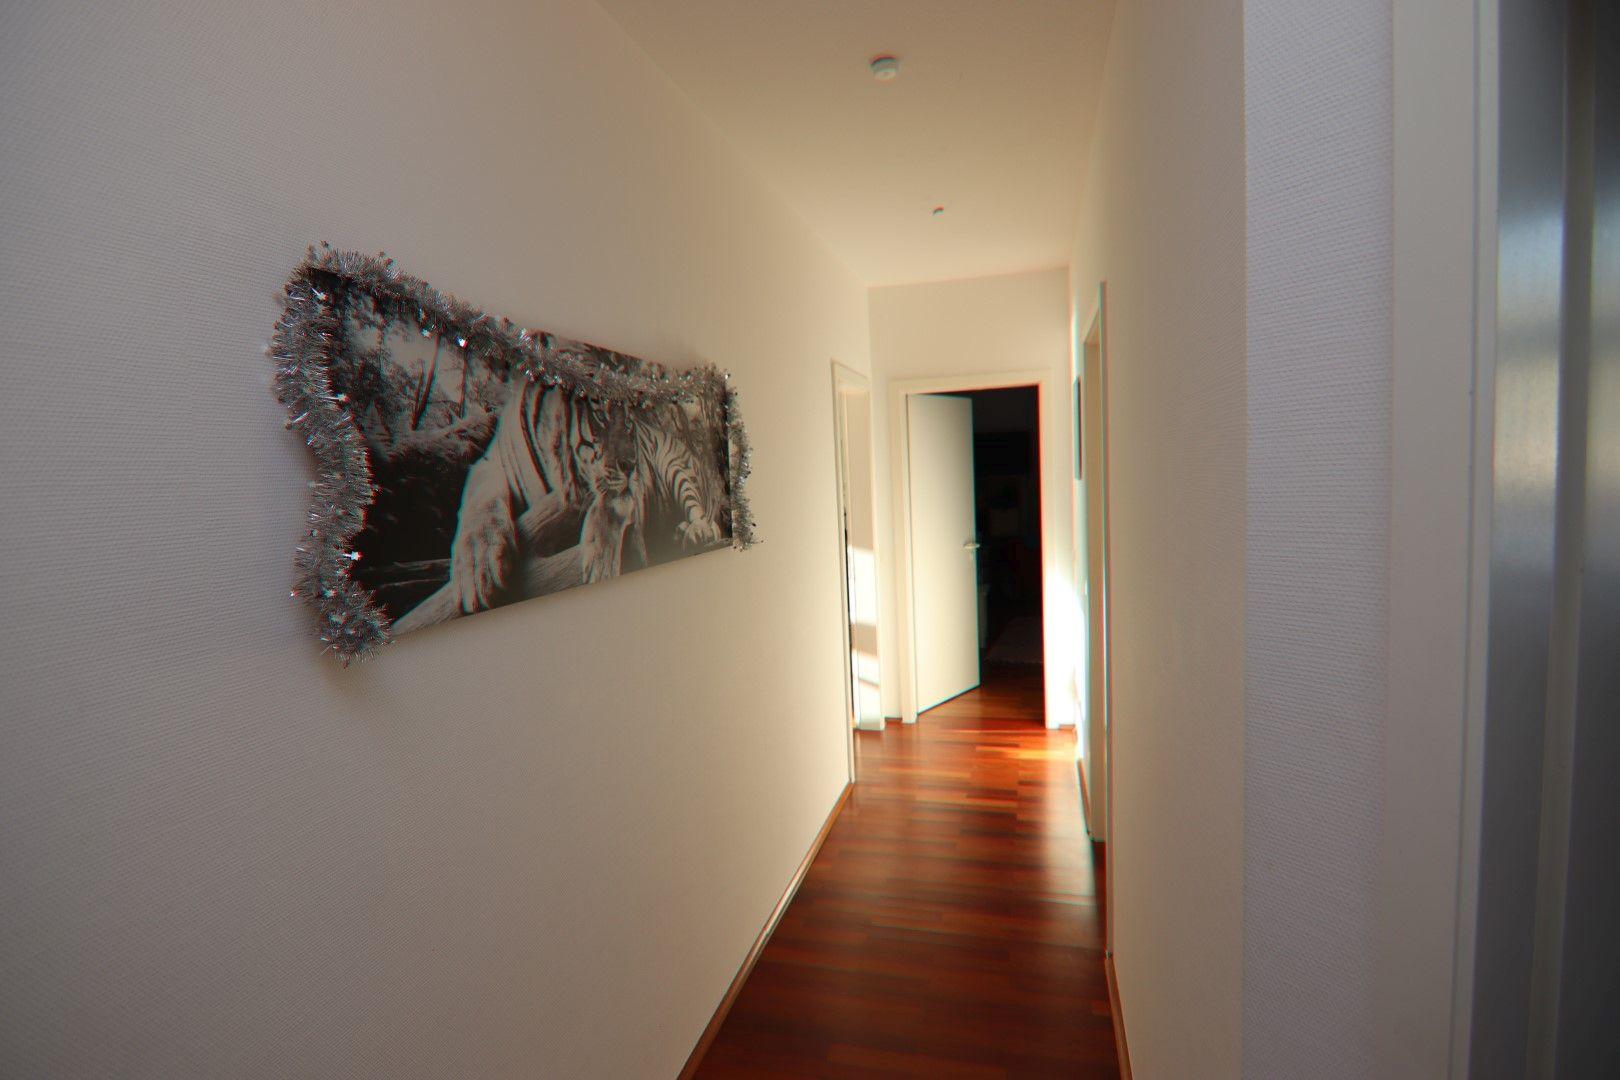 Immobilie Nr.0275 - 4-Raum-Deluxe-Wohnung mit Aufzug, Dachterrasse u. Garage - Bild 17.jpg